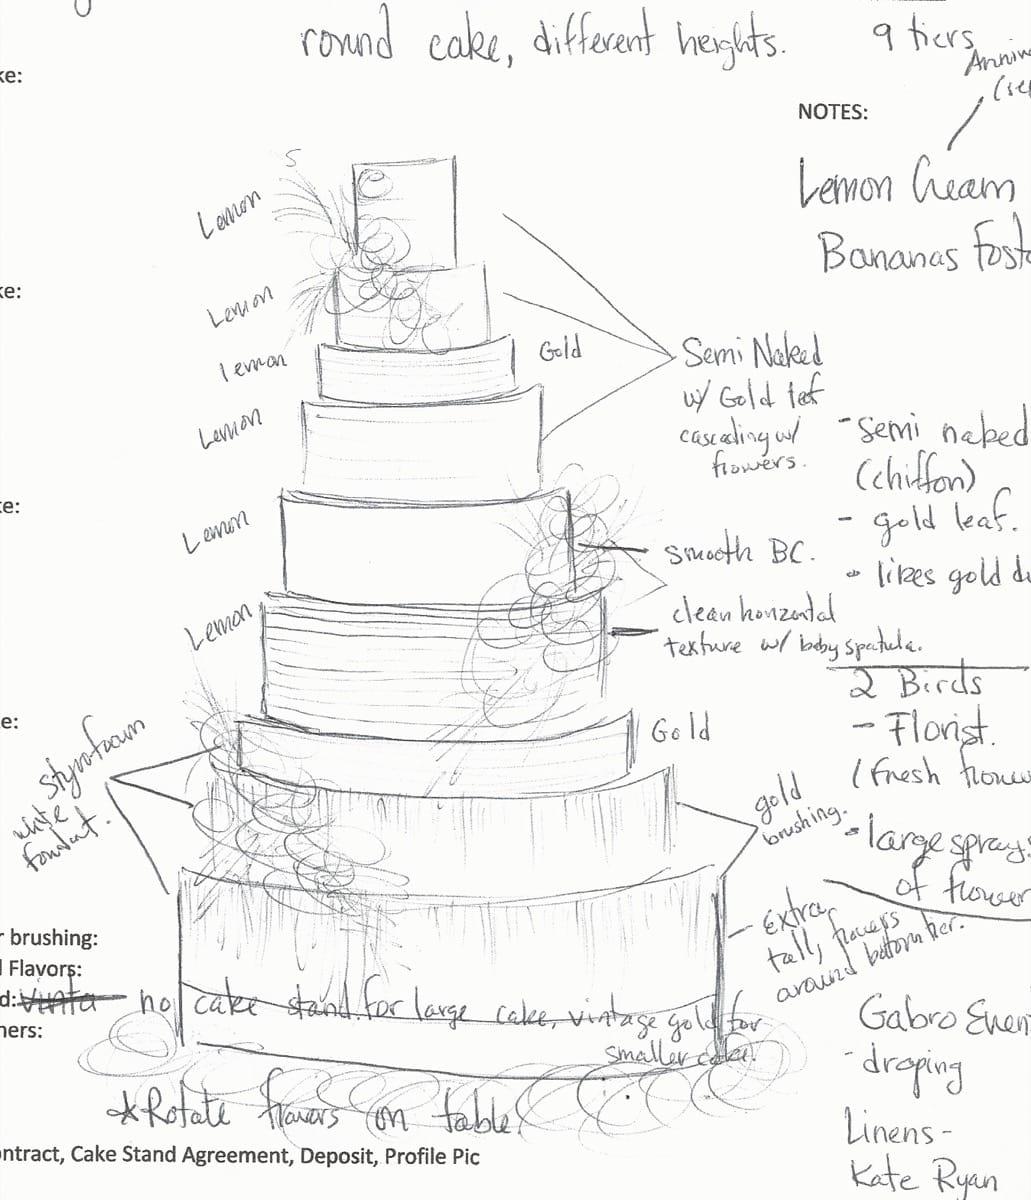 nia's-1-cake-sketch-09-19-37-226-io.jpg